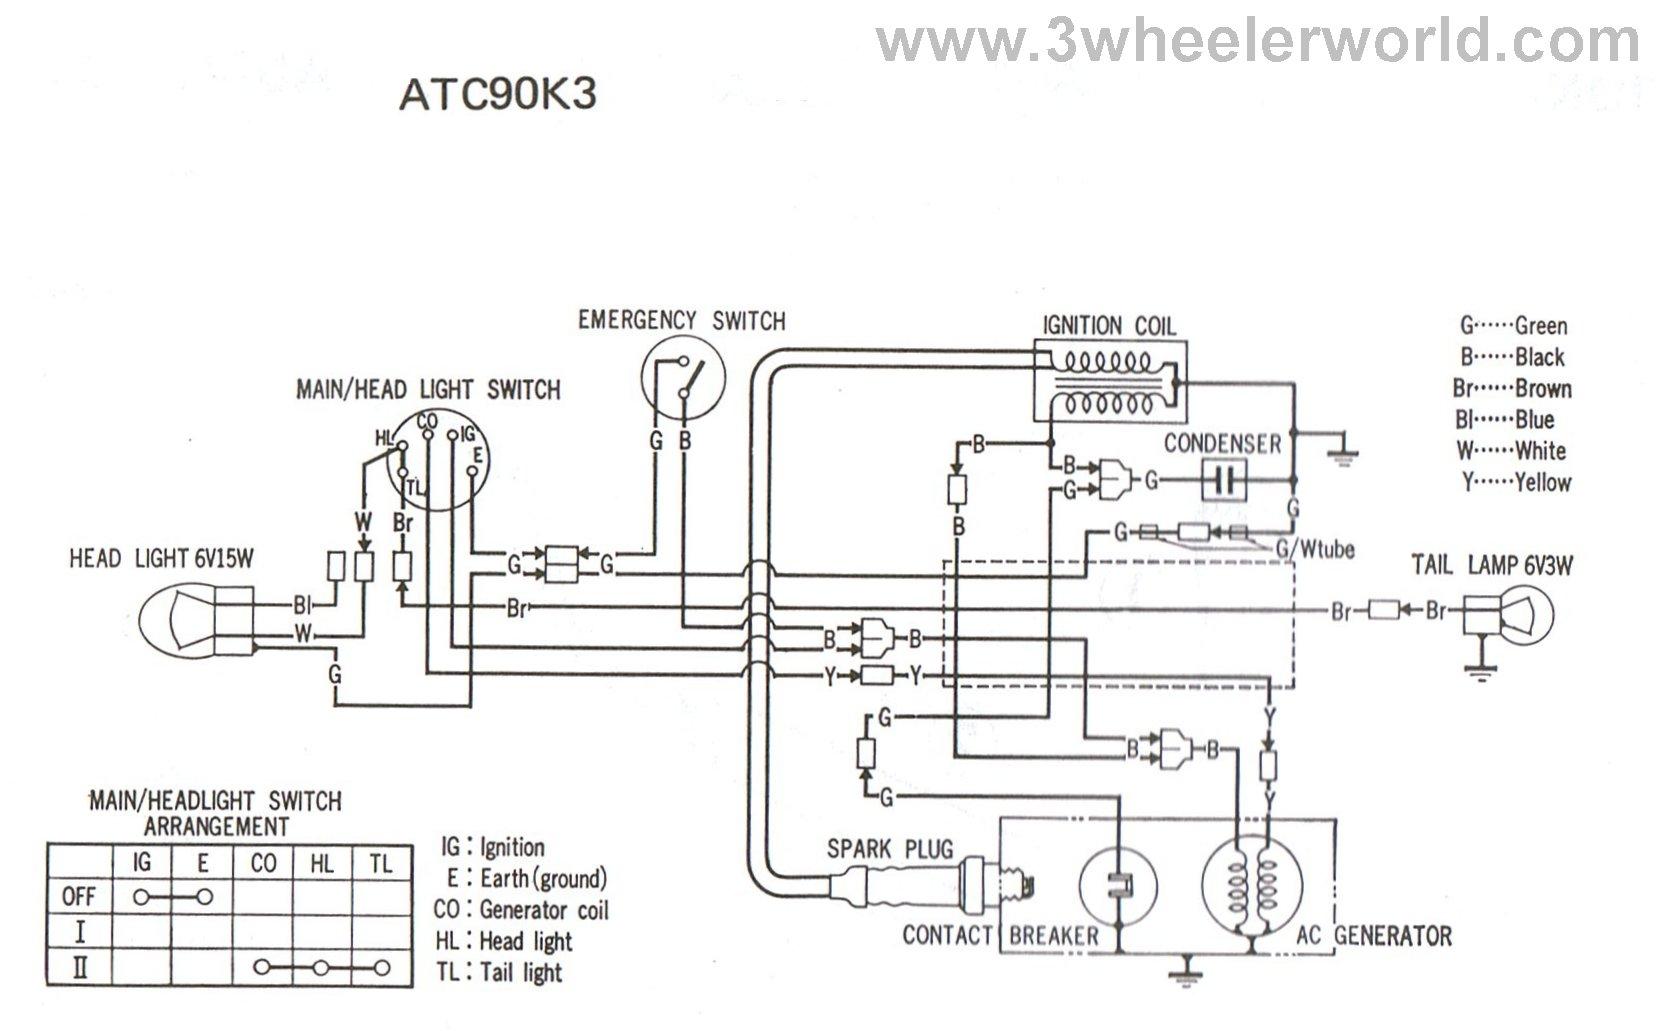 Ds 90 Wiring Diagram - Spst Switch Wiring Diagram -  vw-t5.ab17.jeanjaures37.fr | Ds 90 Wiring Diagram |  | Wiring Diagram Resource